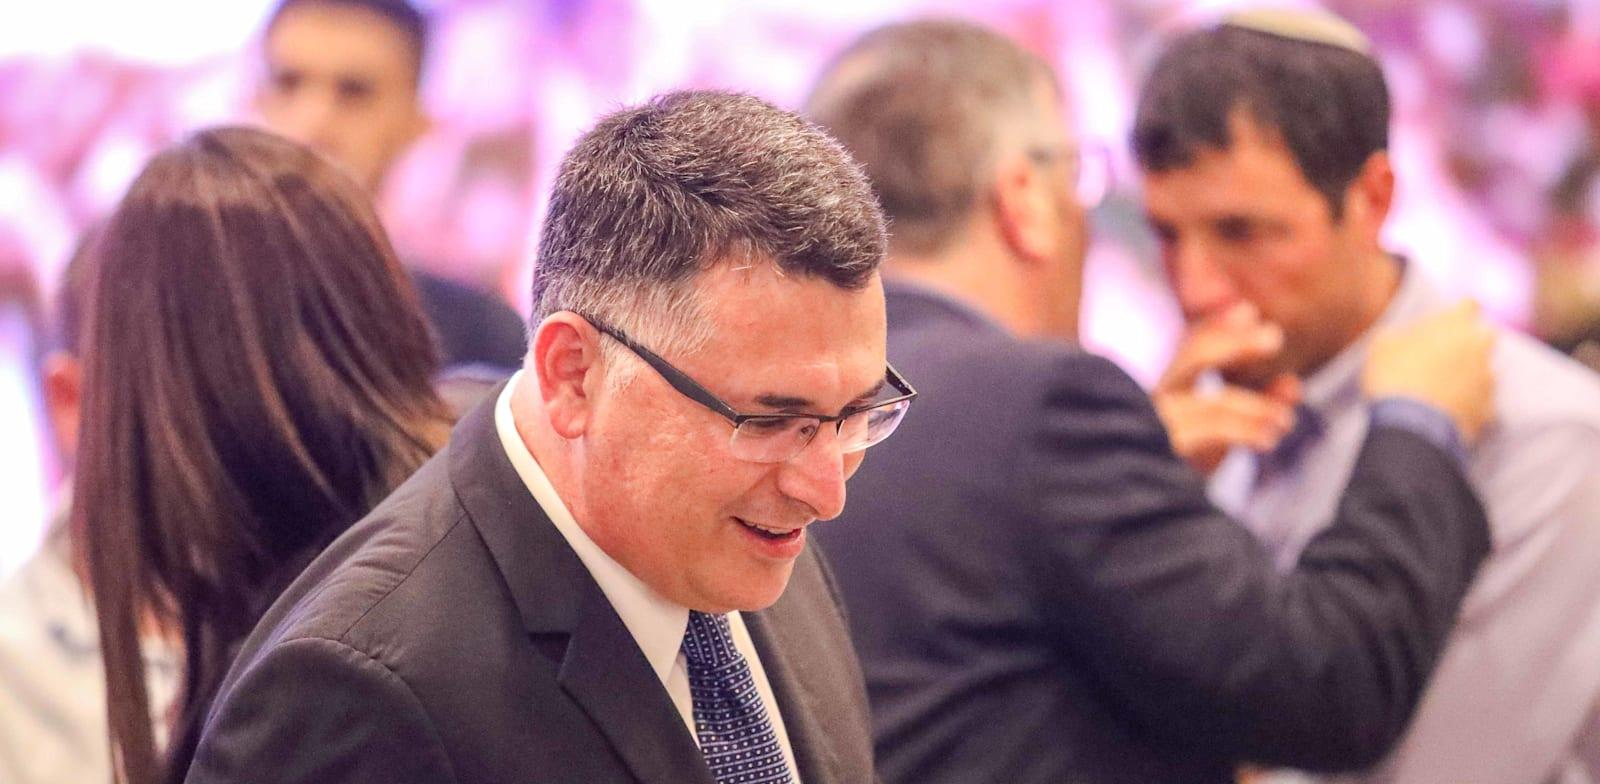 שר המשפטים גדעון סער / צילום: שלומי יוסף